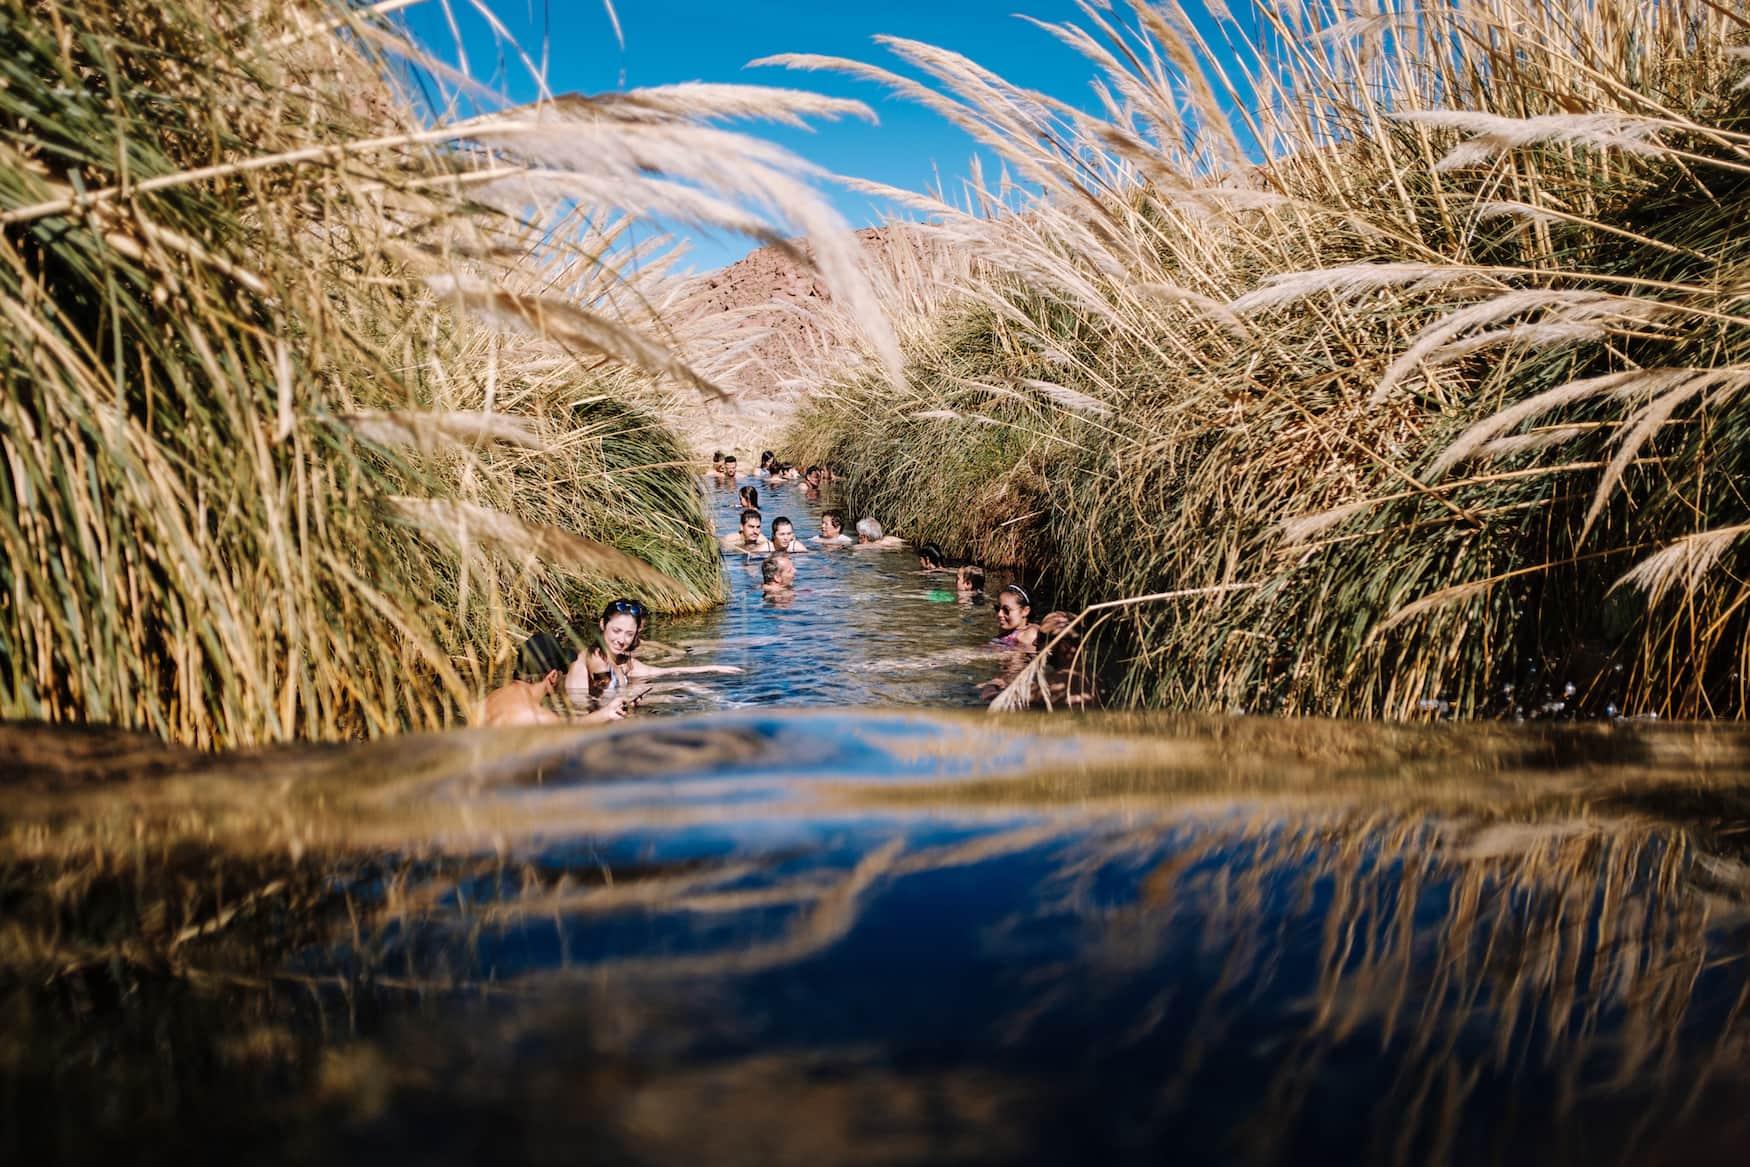 Menschen baden im Fluss